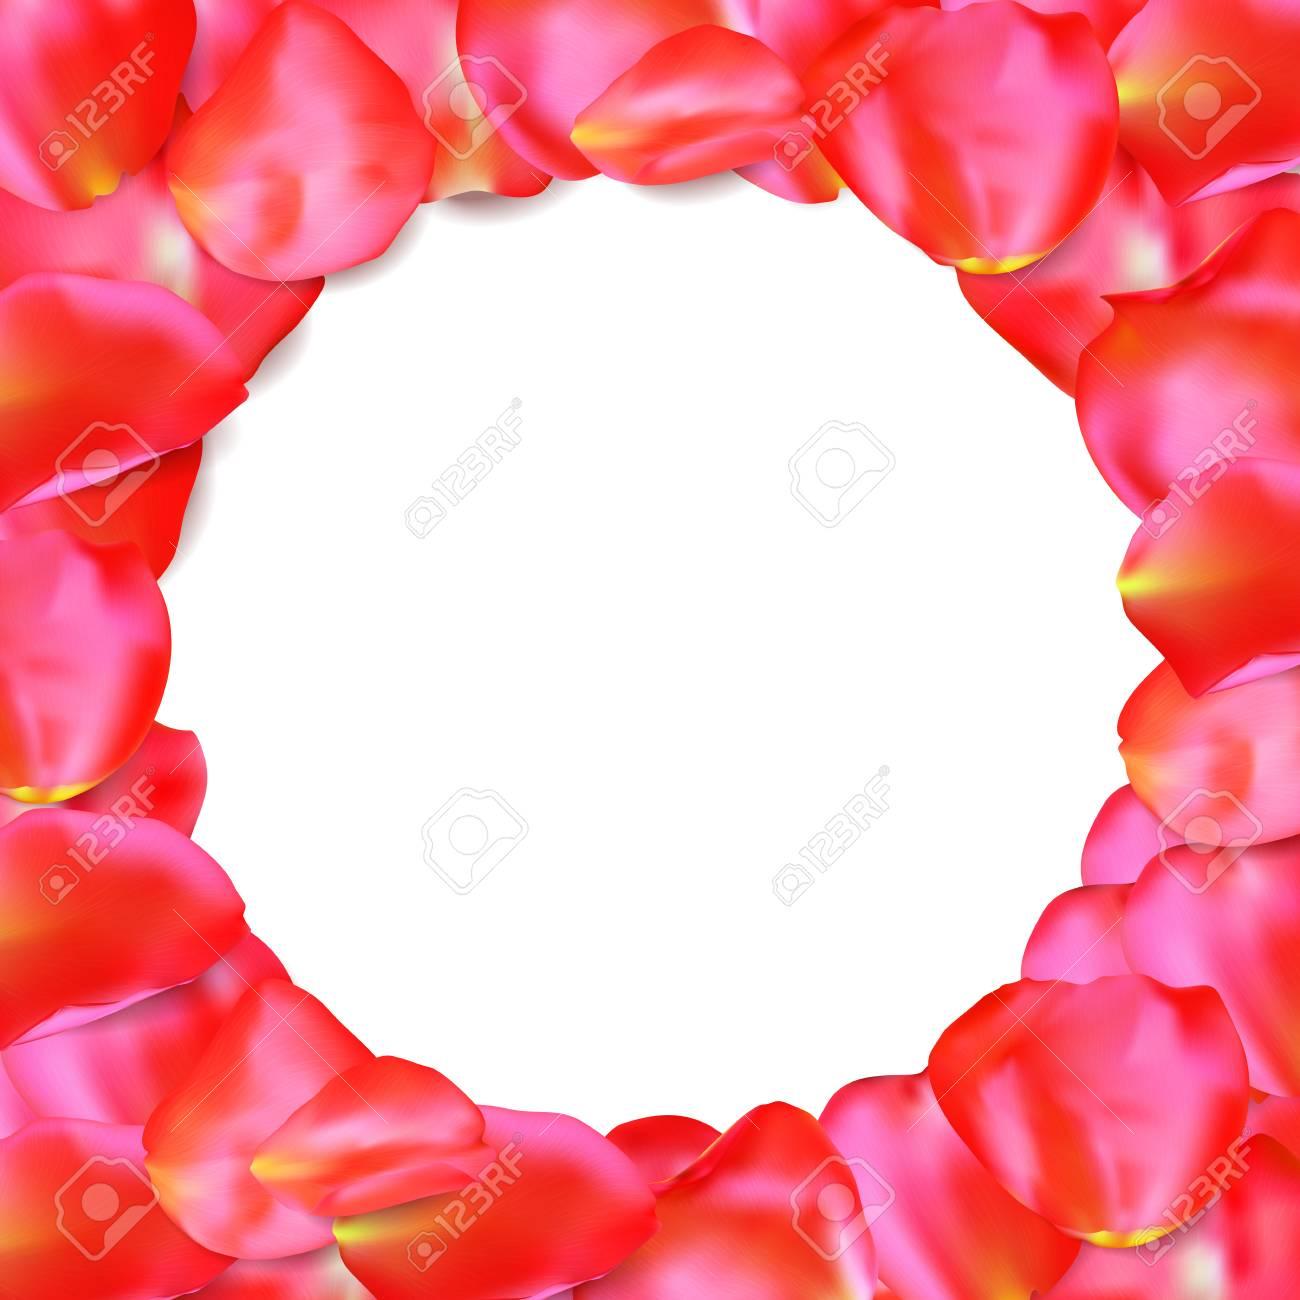 Roter Rahmen Der Rosafarbenen Blumenblätter Lokalisiert Auf Weißem ...